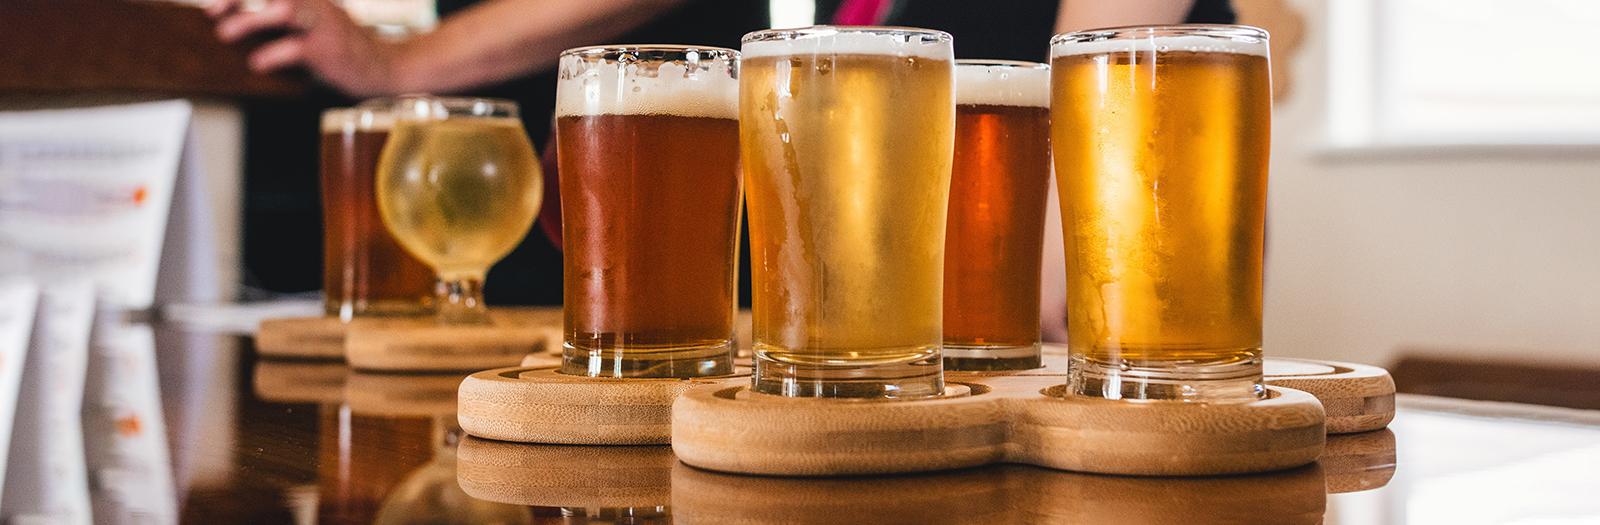 assortment of beer